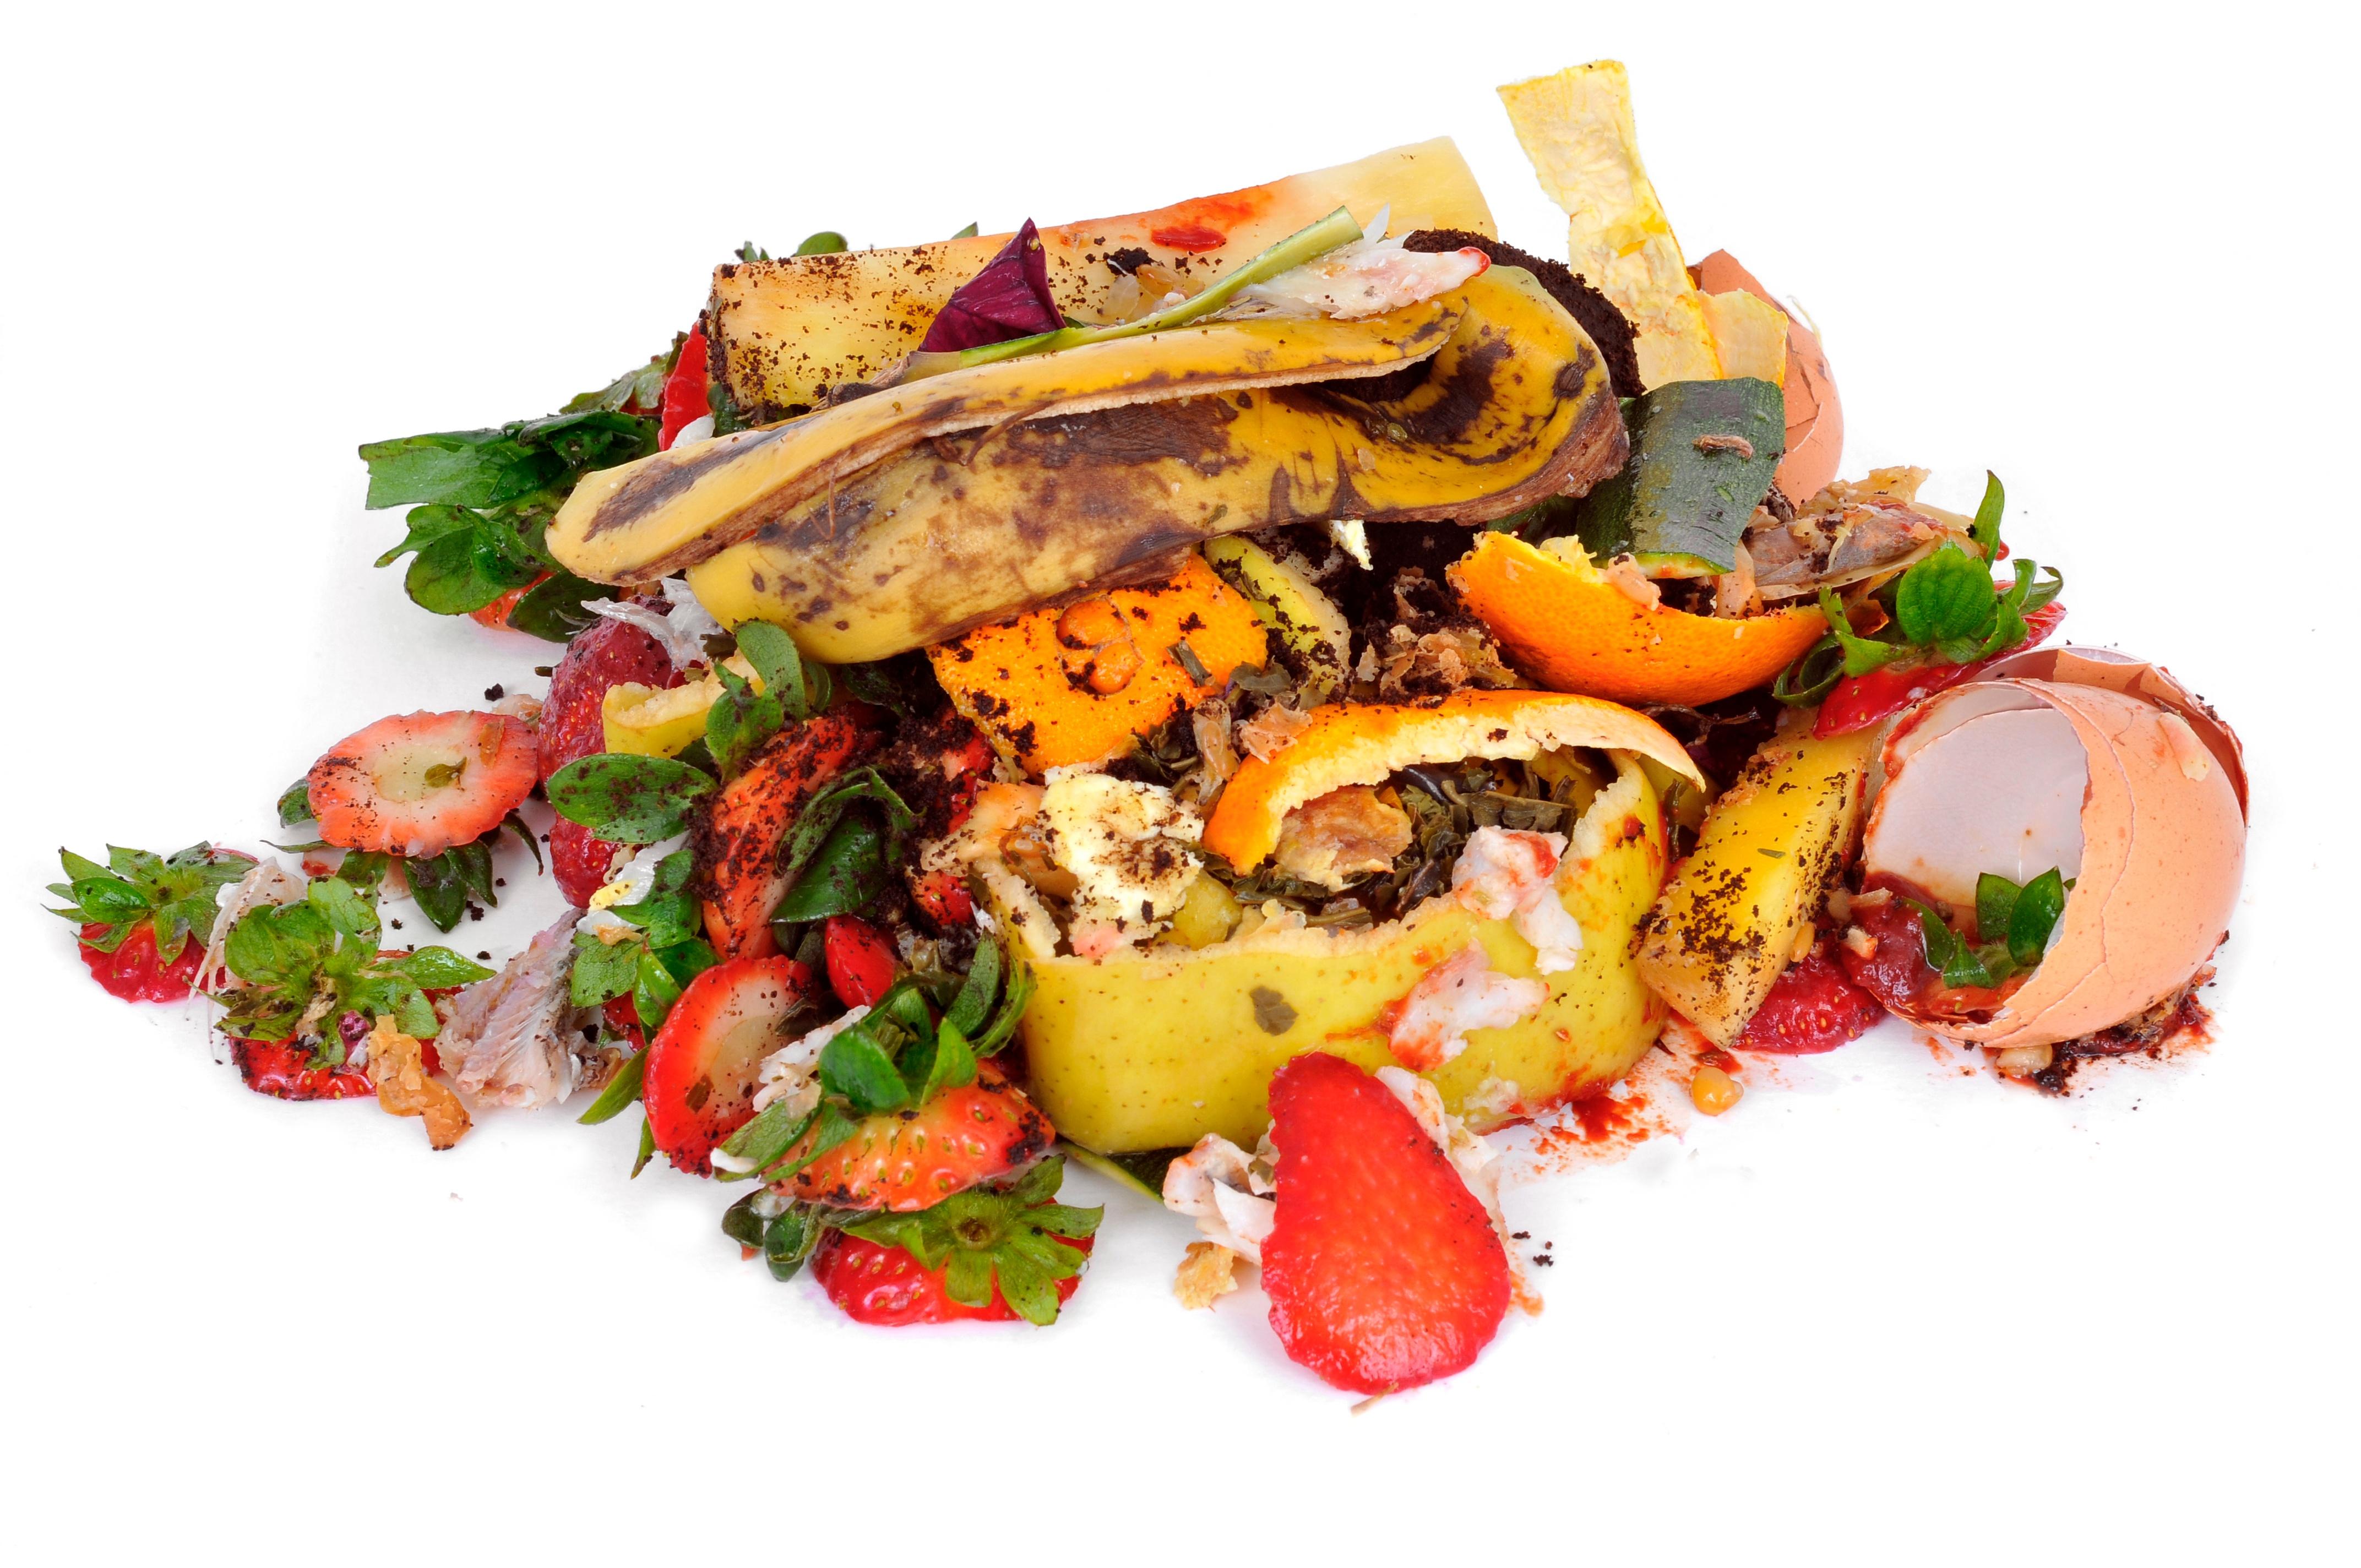 Food_Waste-1.jpg